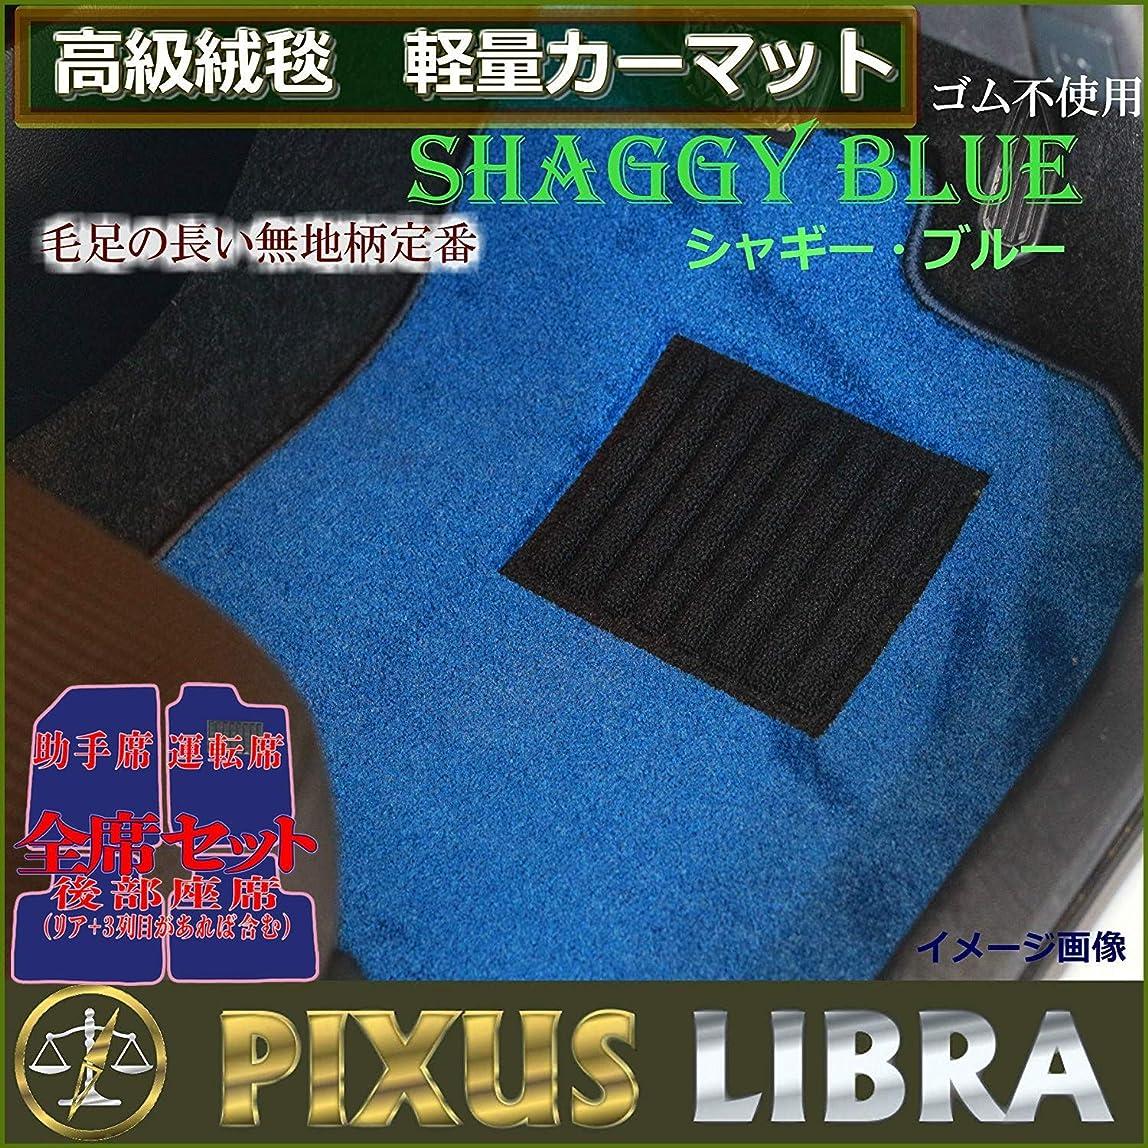 抵抗する貴重な治世マット ホンダ N BOX プラス (カスタム) 福祉車 車椅子 スロープ リアシート有 5ナンバー 4人乗 全座席セット 軽量高級絨毯 シャギーブルー